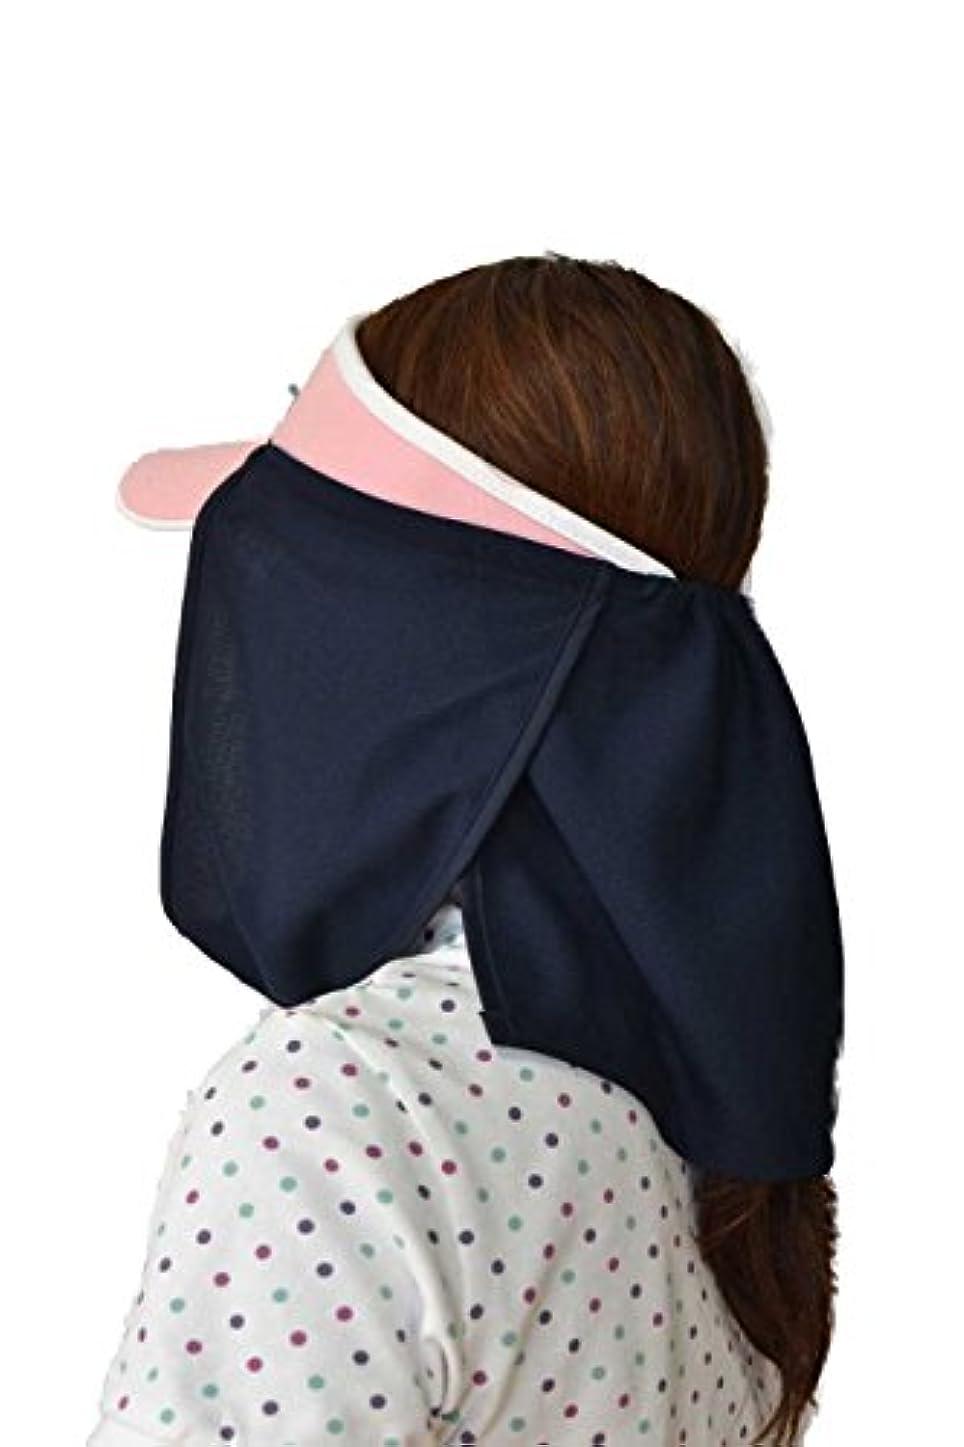 かもしれない亜熱帯観点UVカット帽子カバー?スズシーノ?(紺色)紫外線対策や熱射病、熱中症対策に最適【特許取得済】